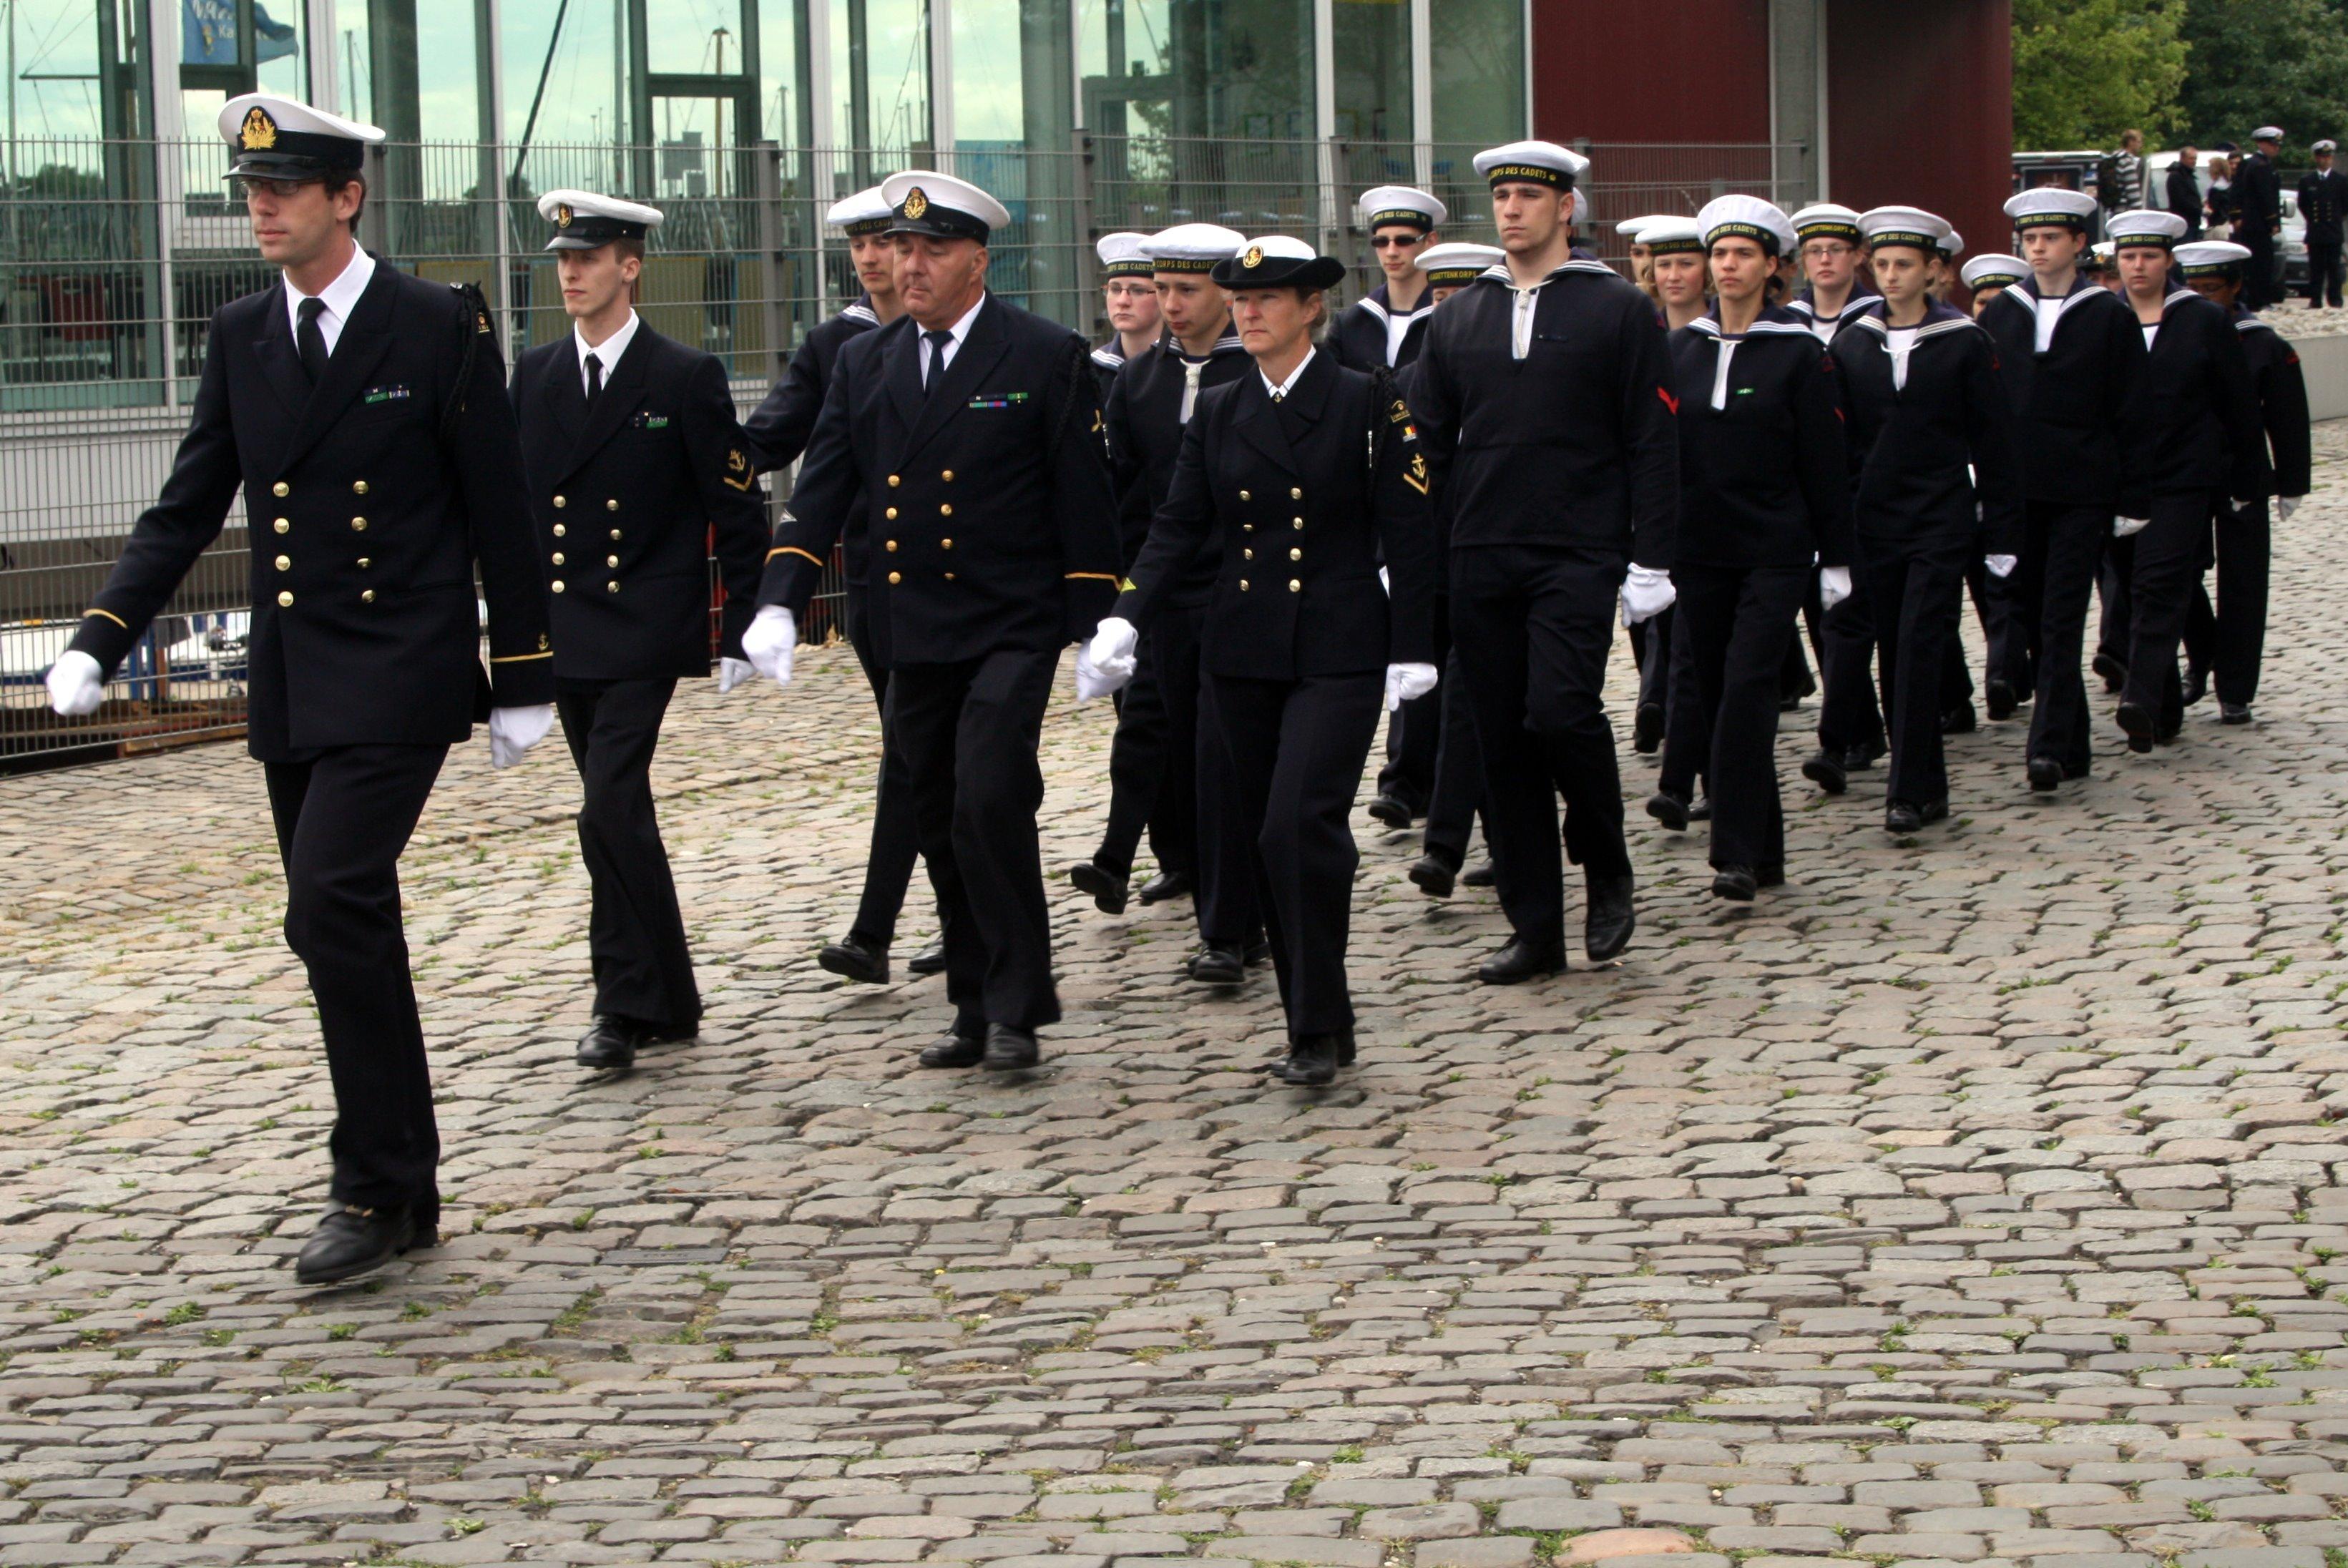 Fastes des Cadets de Marine à Bruxelles le 18/06/2011 - Page 19 1106210456421095838359206